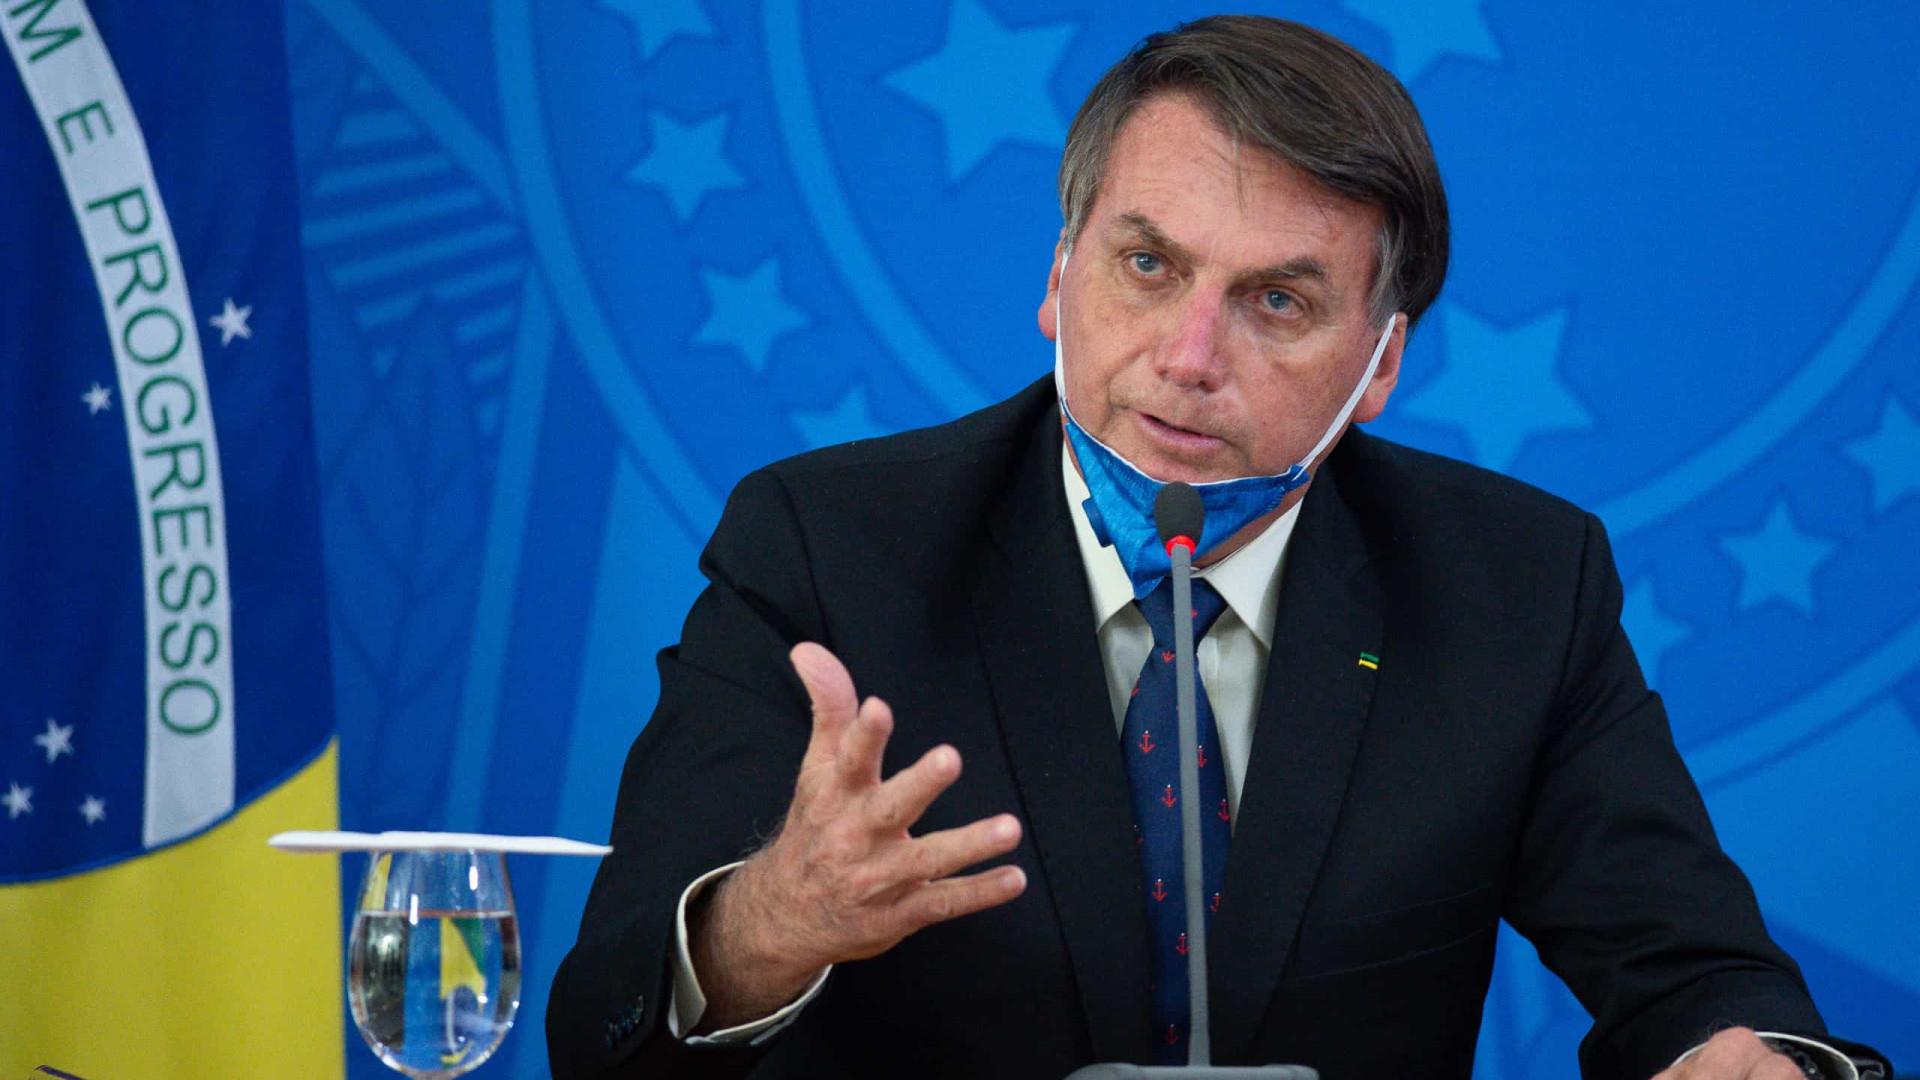 À CPI, juristas apontam crimes de Bolsonaro no combate à pandemia